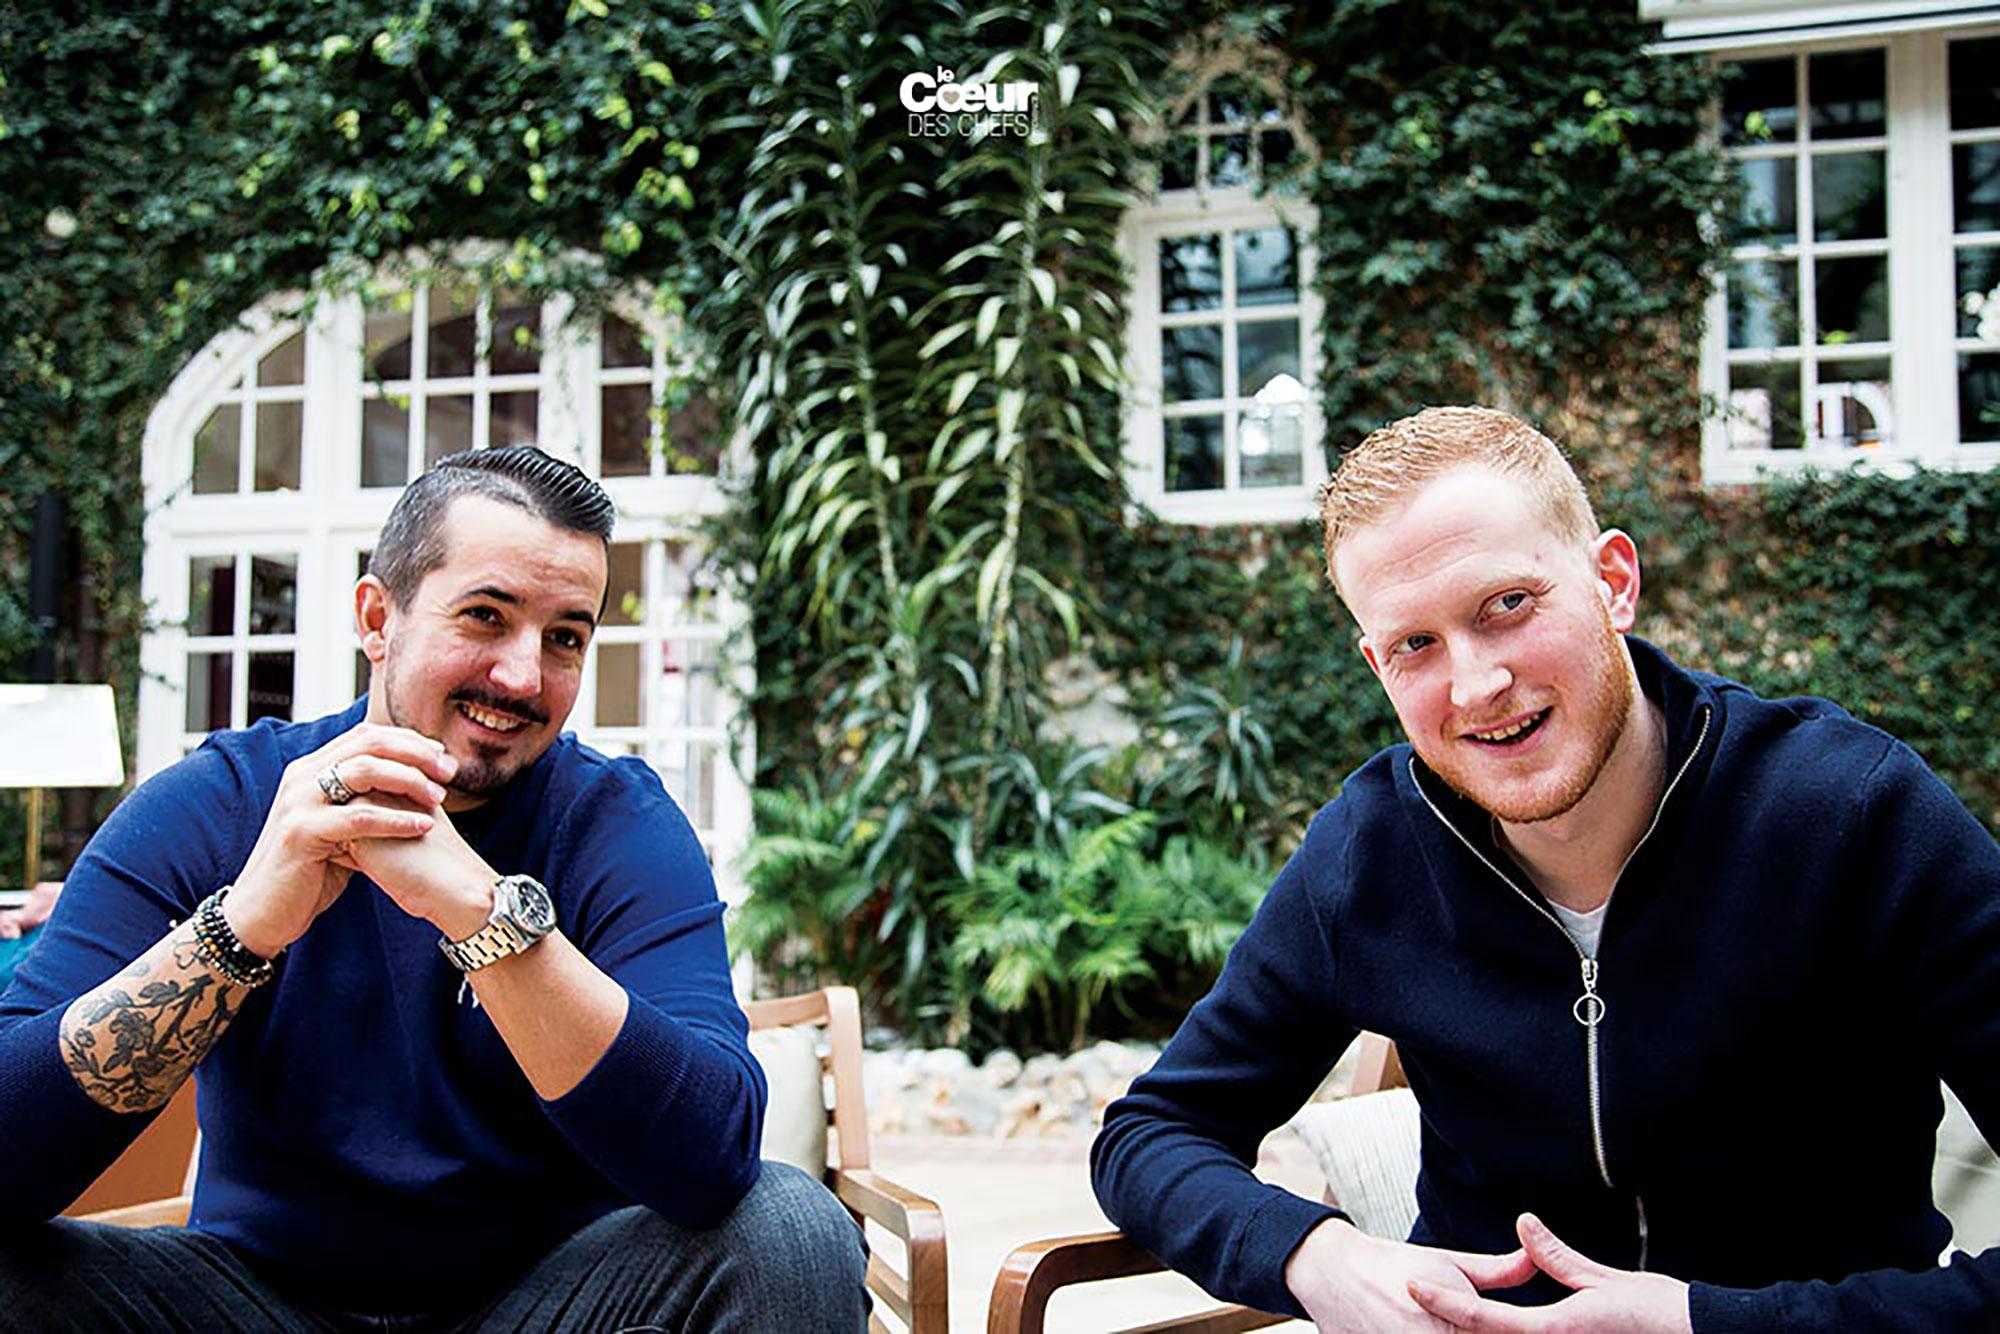 Photo de deux hommes assis en terrasse en pull et veste bleu, arrière plan mur de maison recouvert de lier